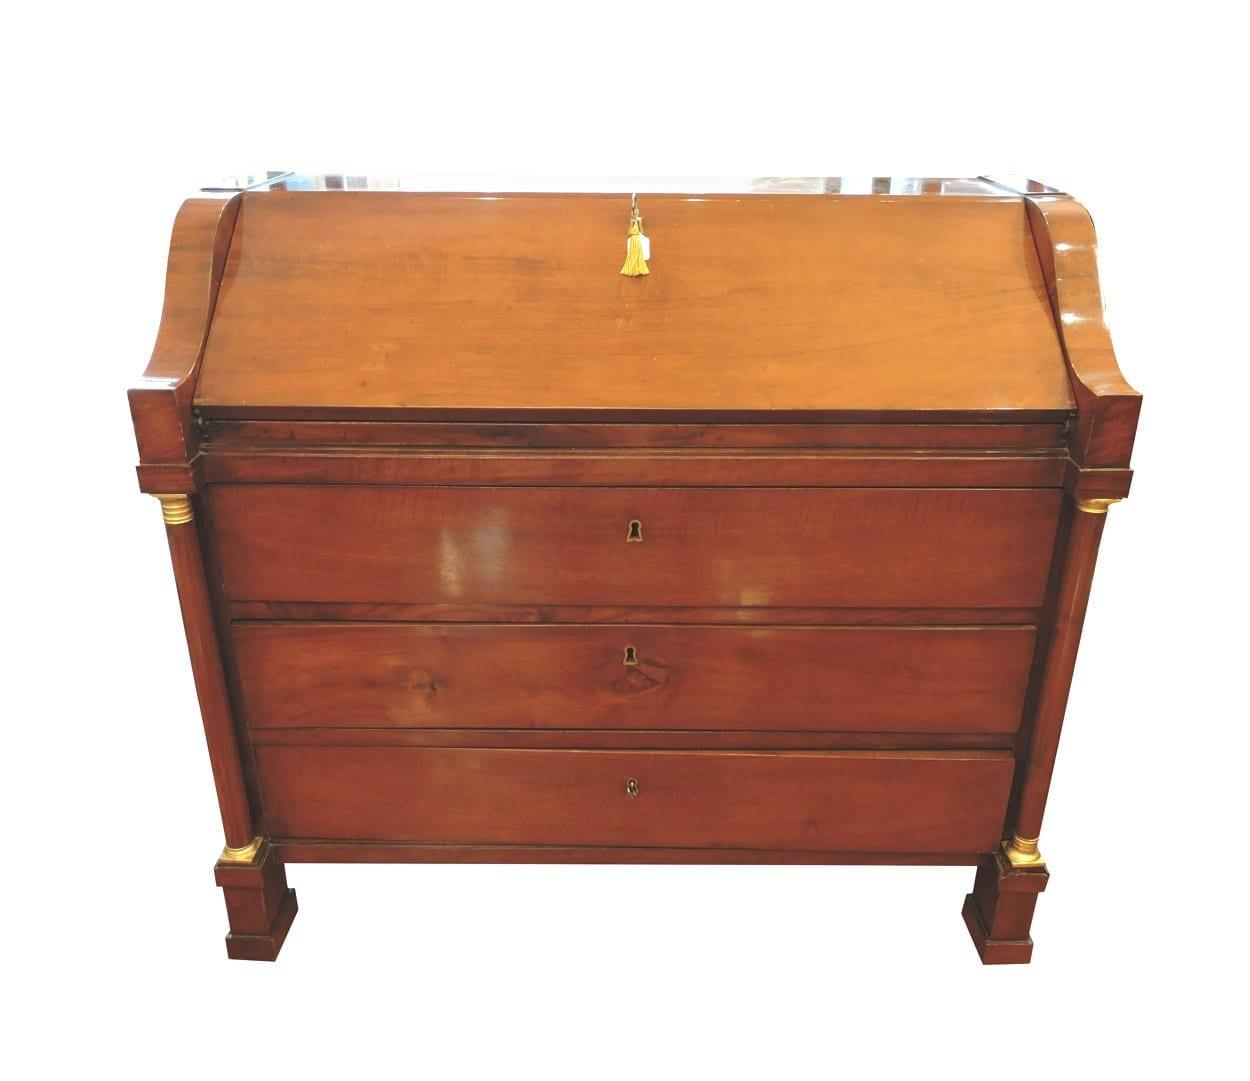 furniture - italiandropfrontdesk-00.jpg